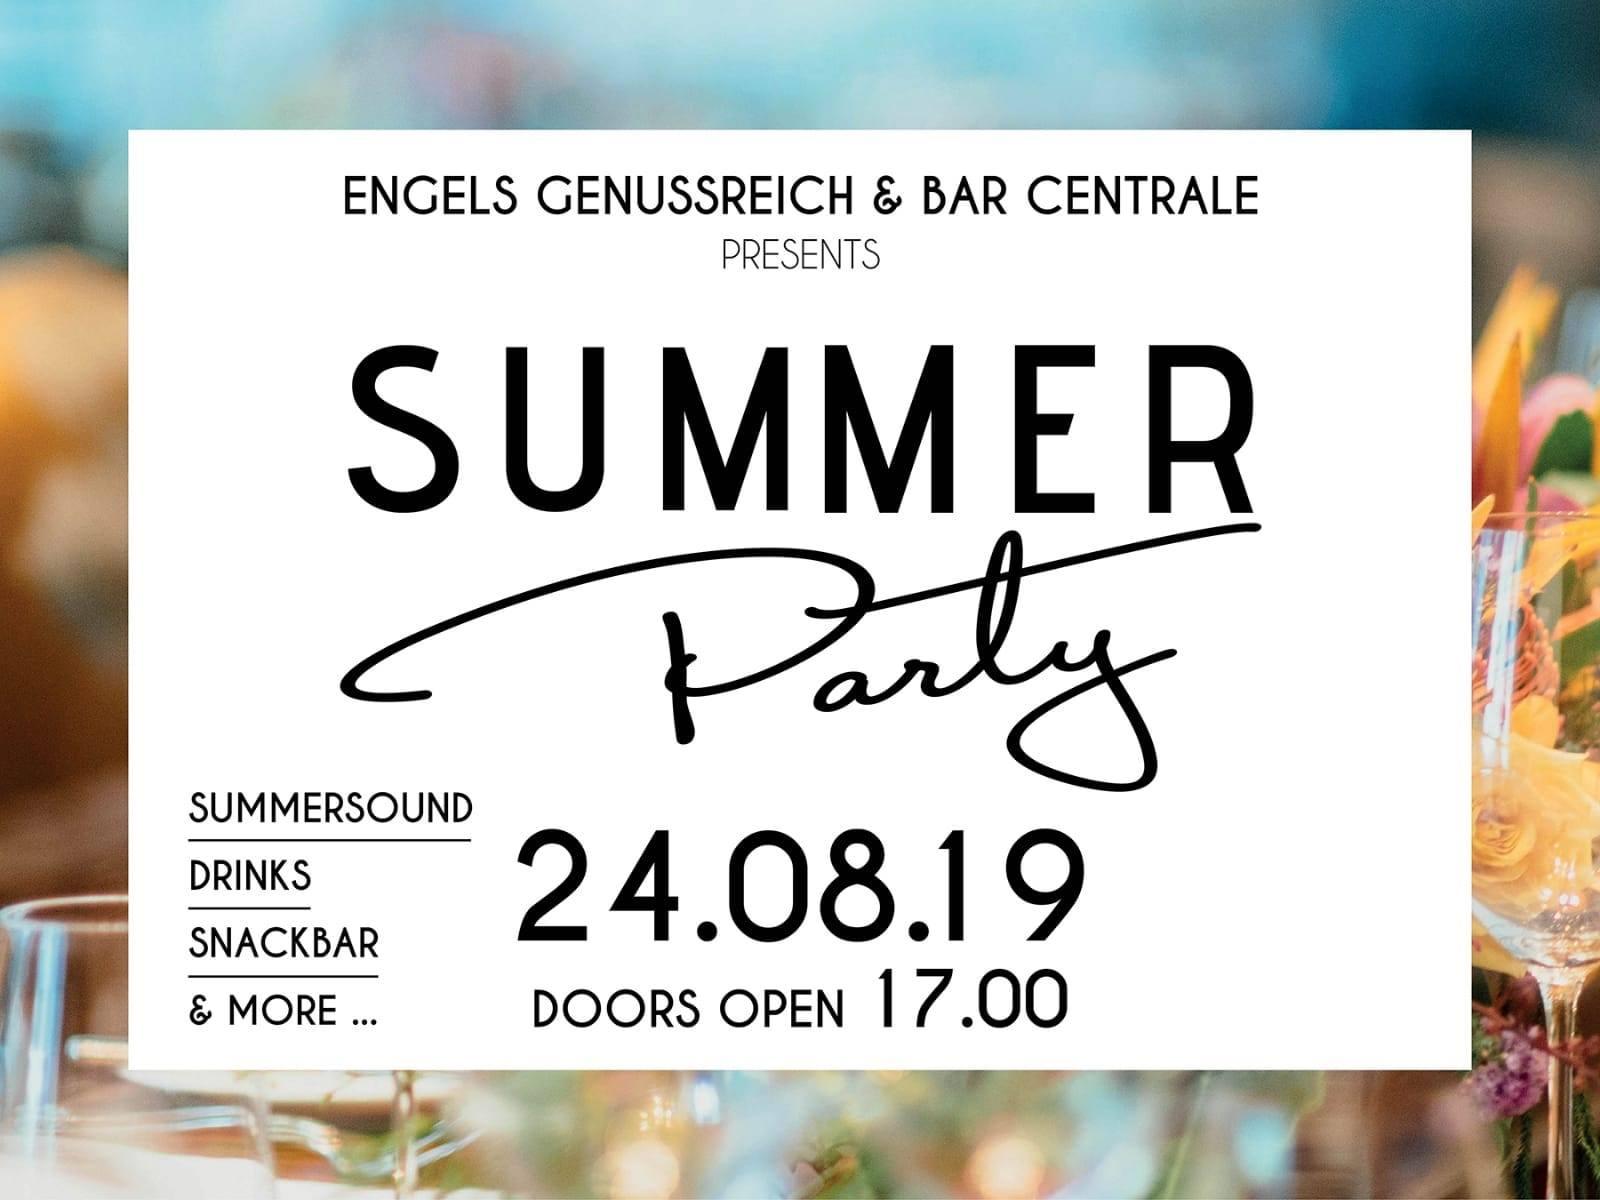 SUMMER PARTY im Engels Genussreich